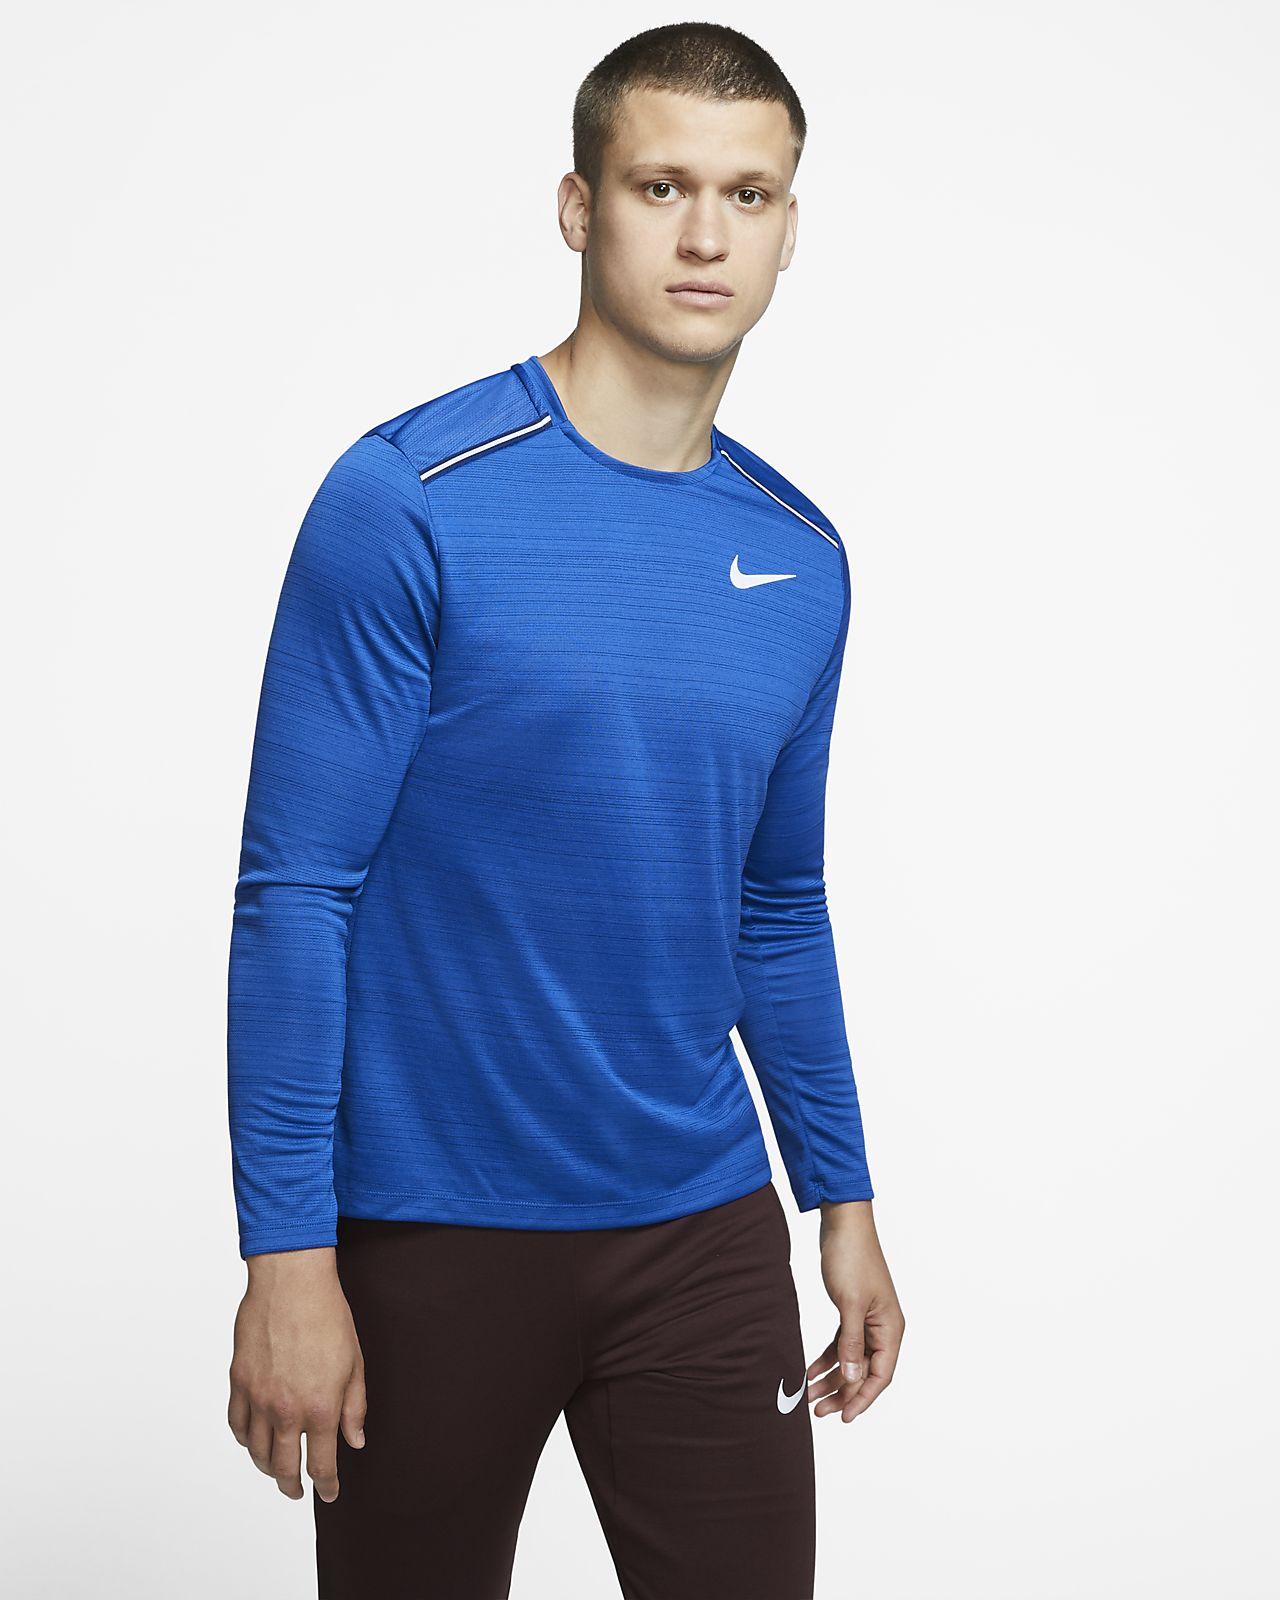 nike sneakers sale günstig kaufen, Nike Dri Fit Miler